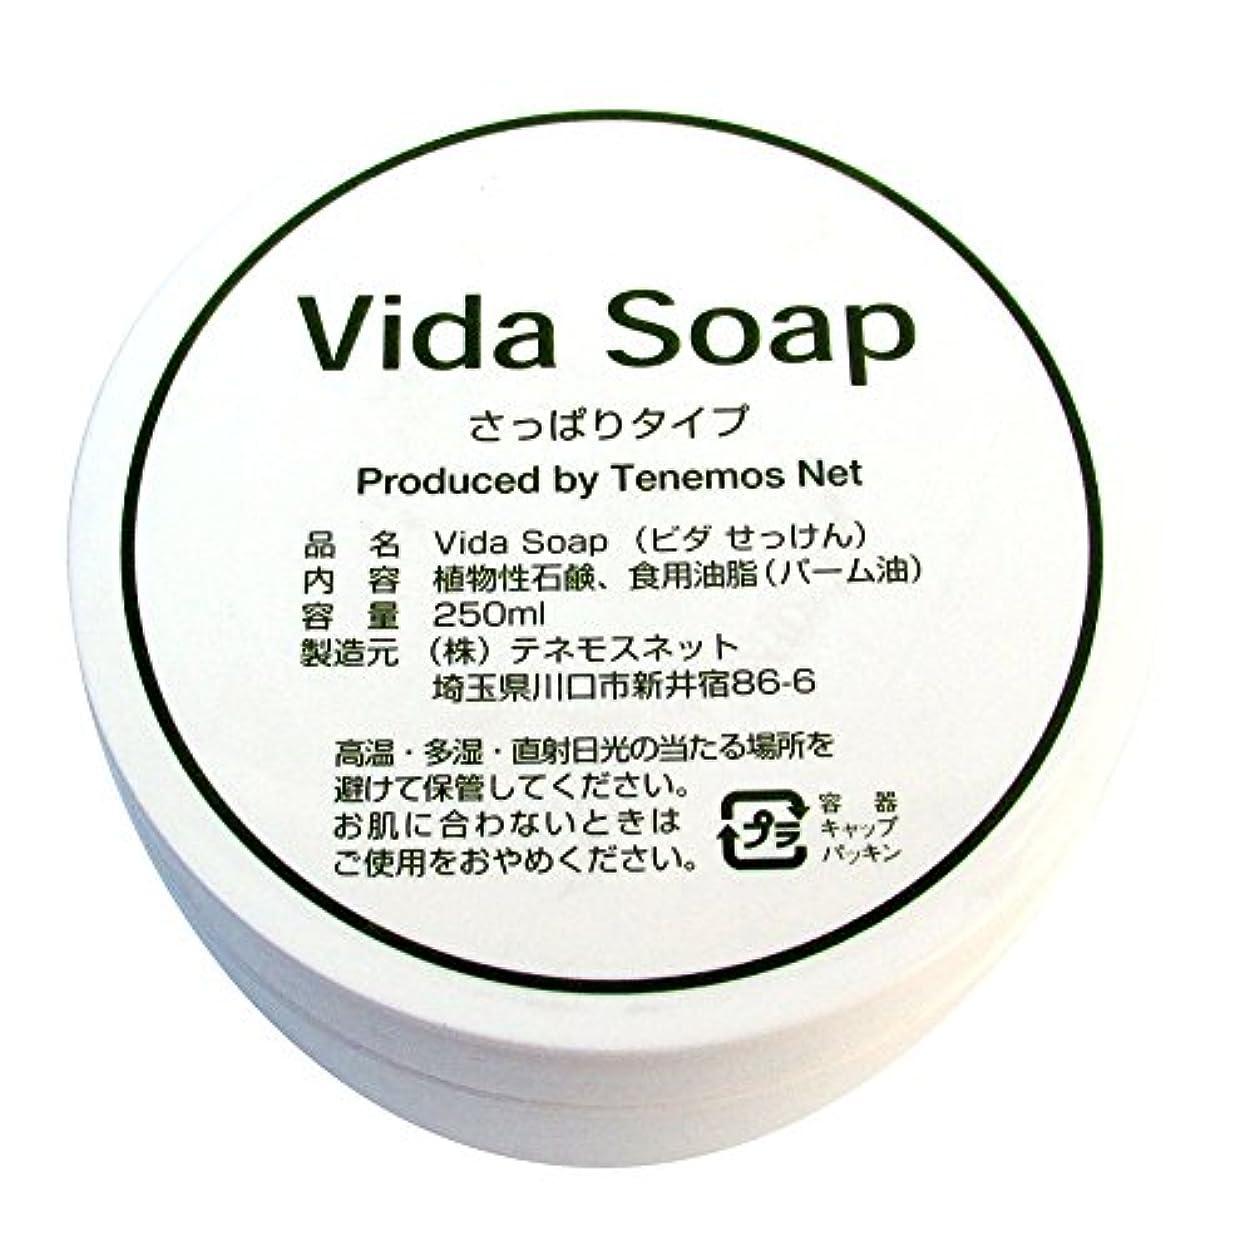 真似るプロペラ真似るテネモス ビダせっけん Vida Soap さっぱりノーマル 植物性 250ml